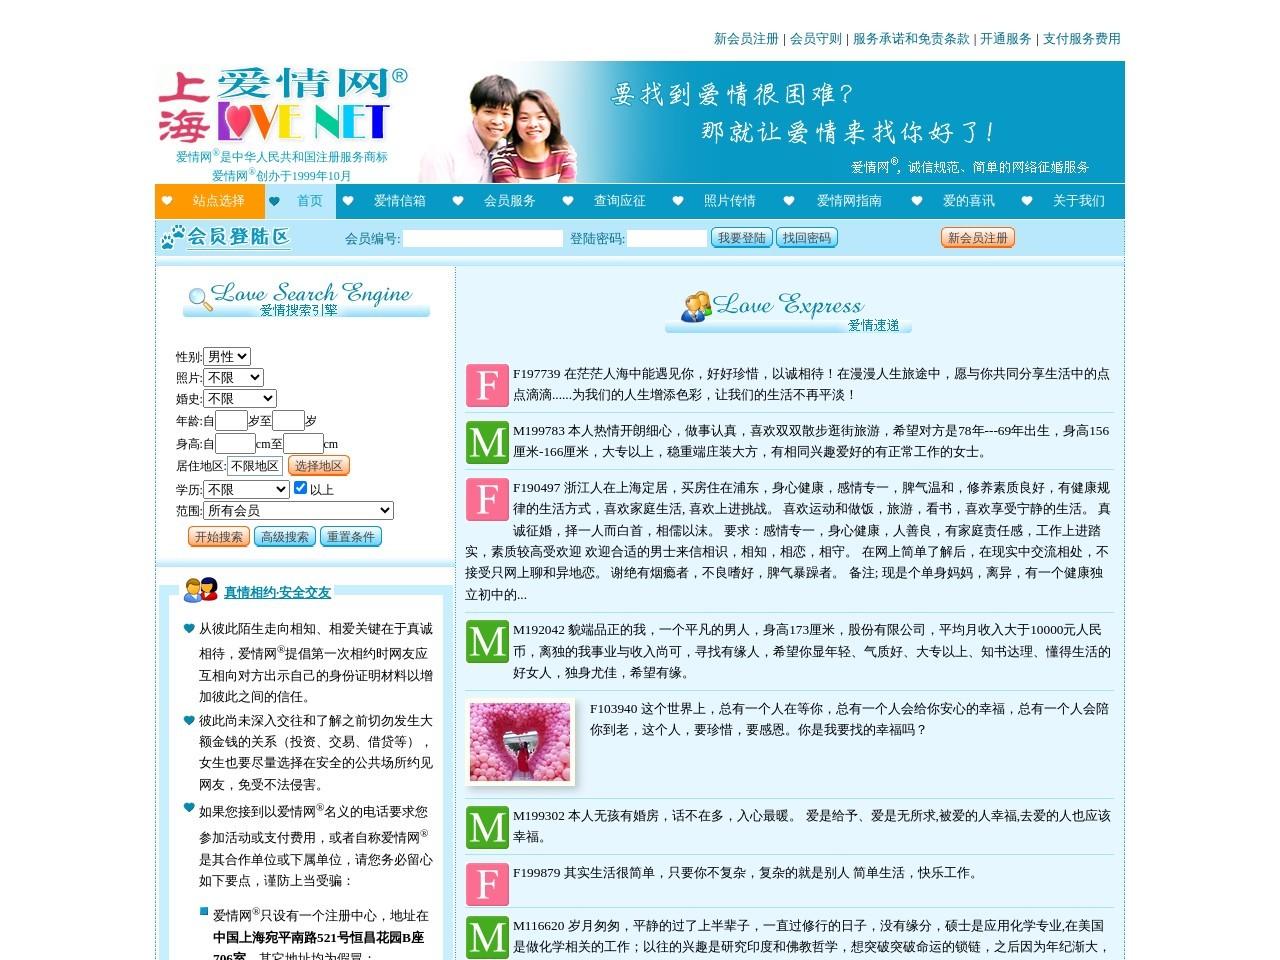 上海愛情網截圖